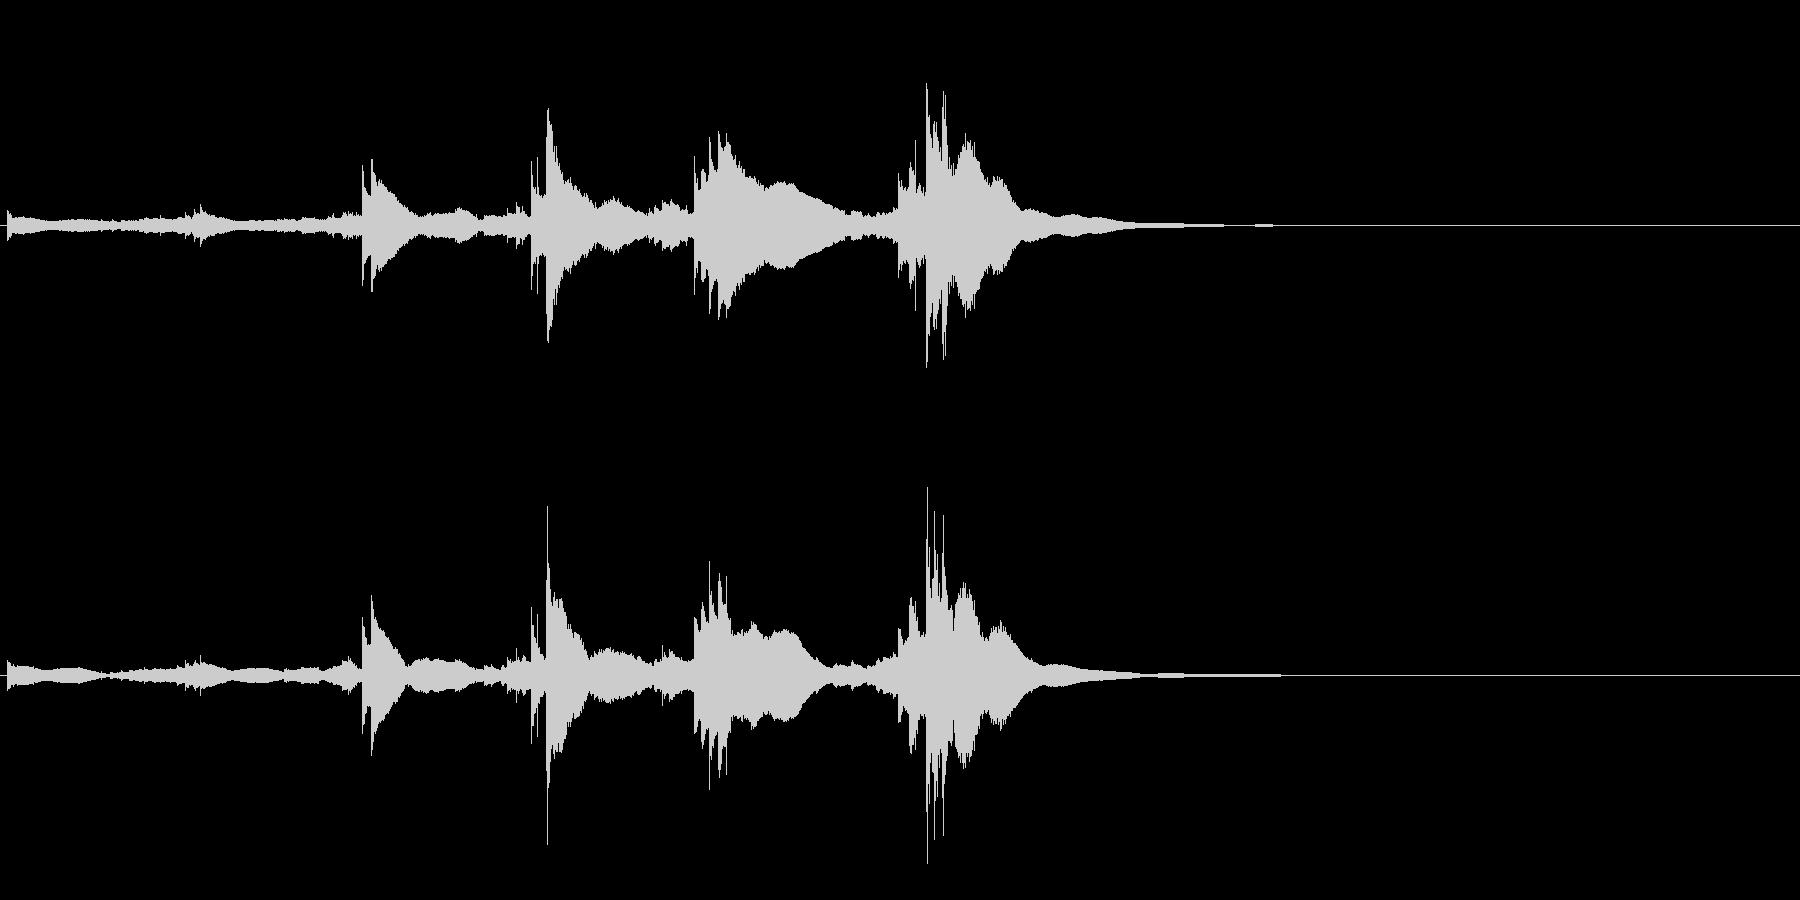 小型の鐘「本つり鐘」のフレーズ音2+Fxの未再生の波形